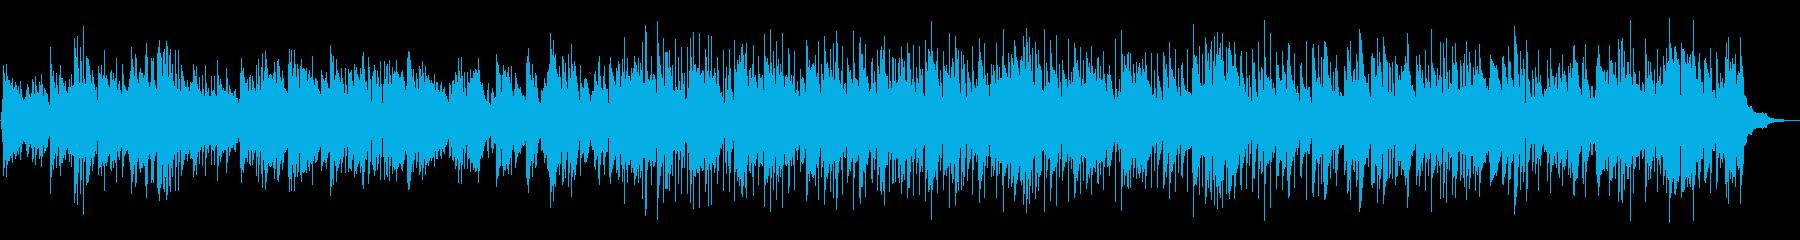 長閑な午後のアコギBGMの再生済みの波形